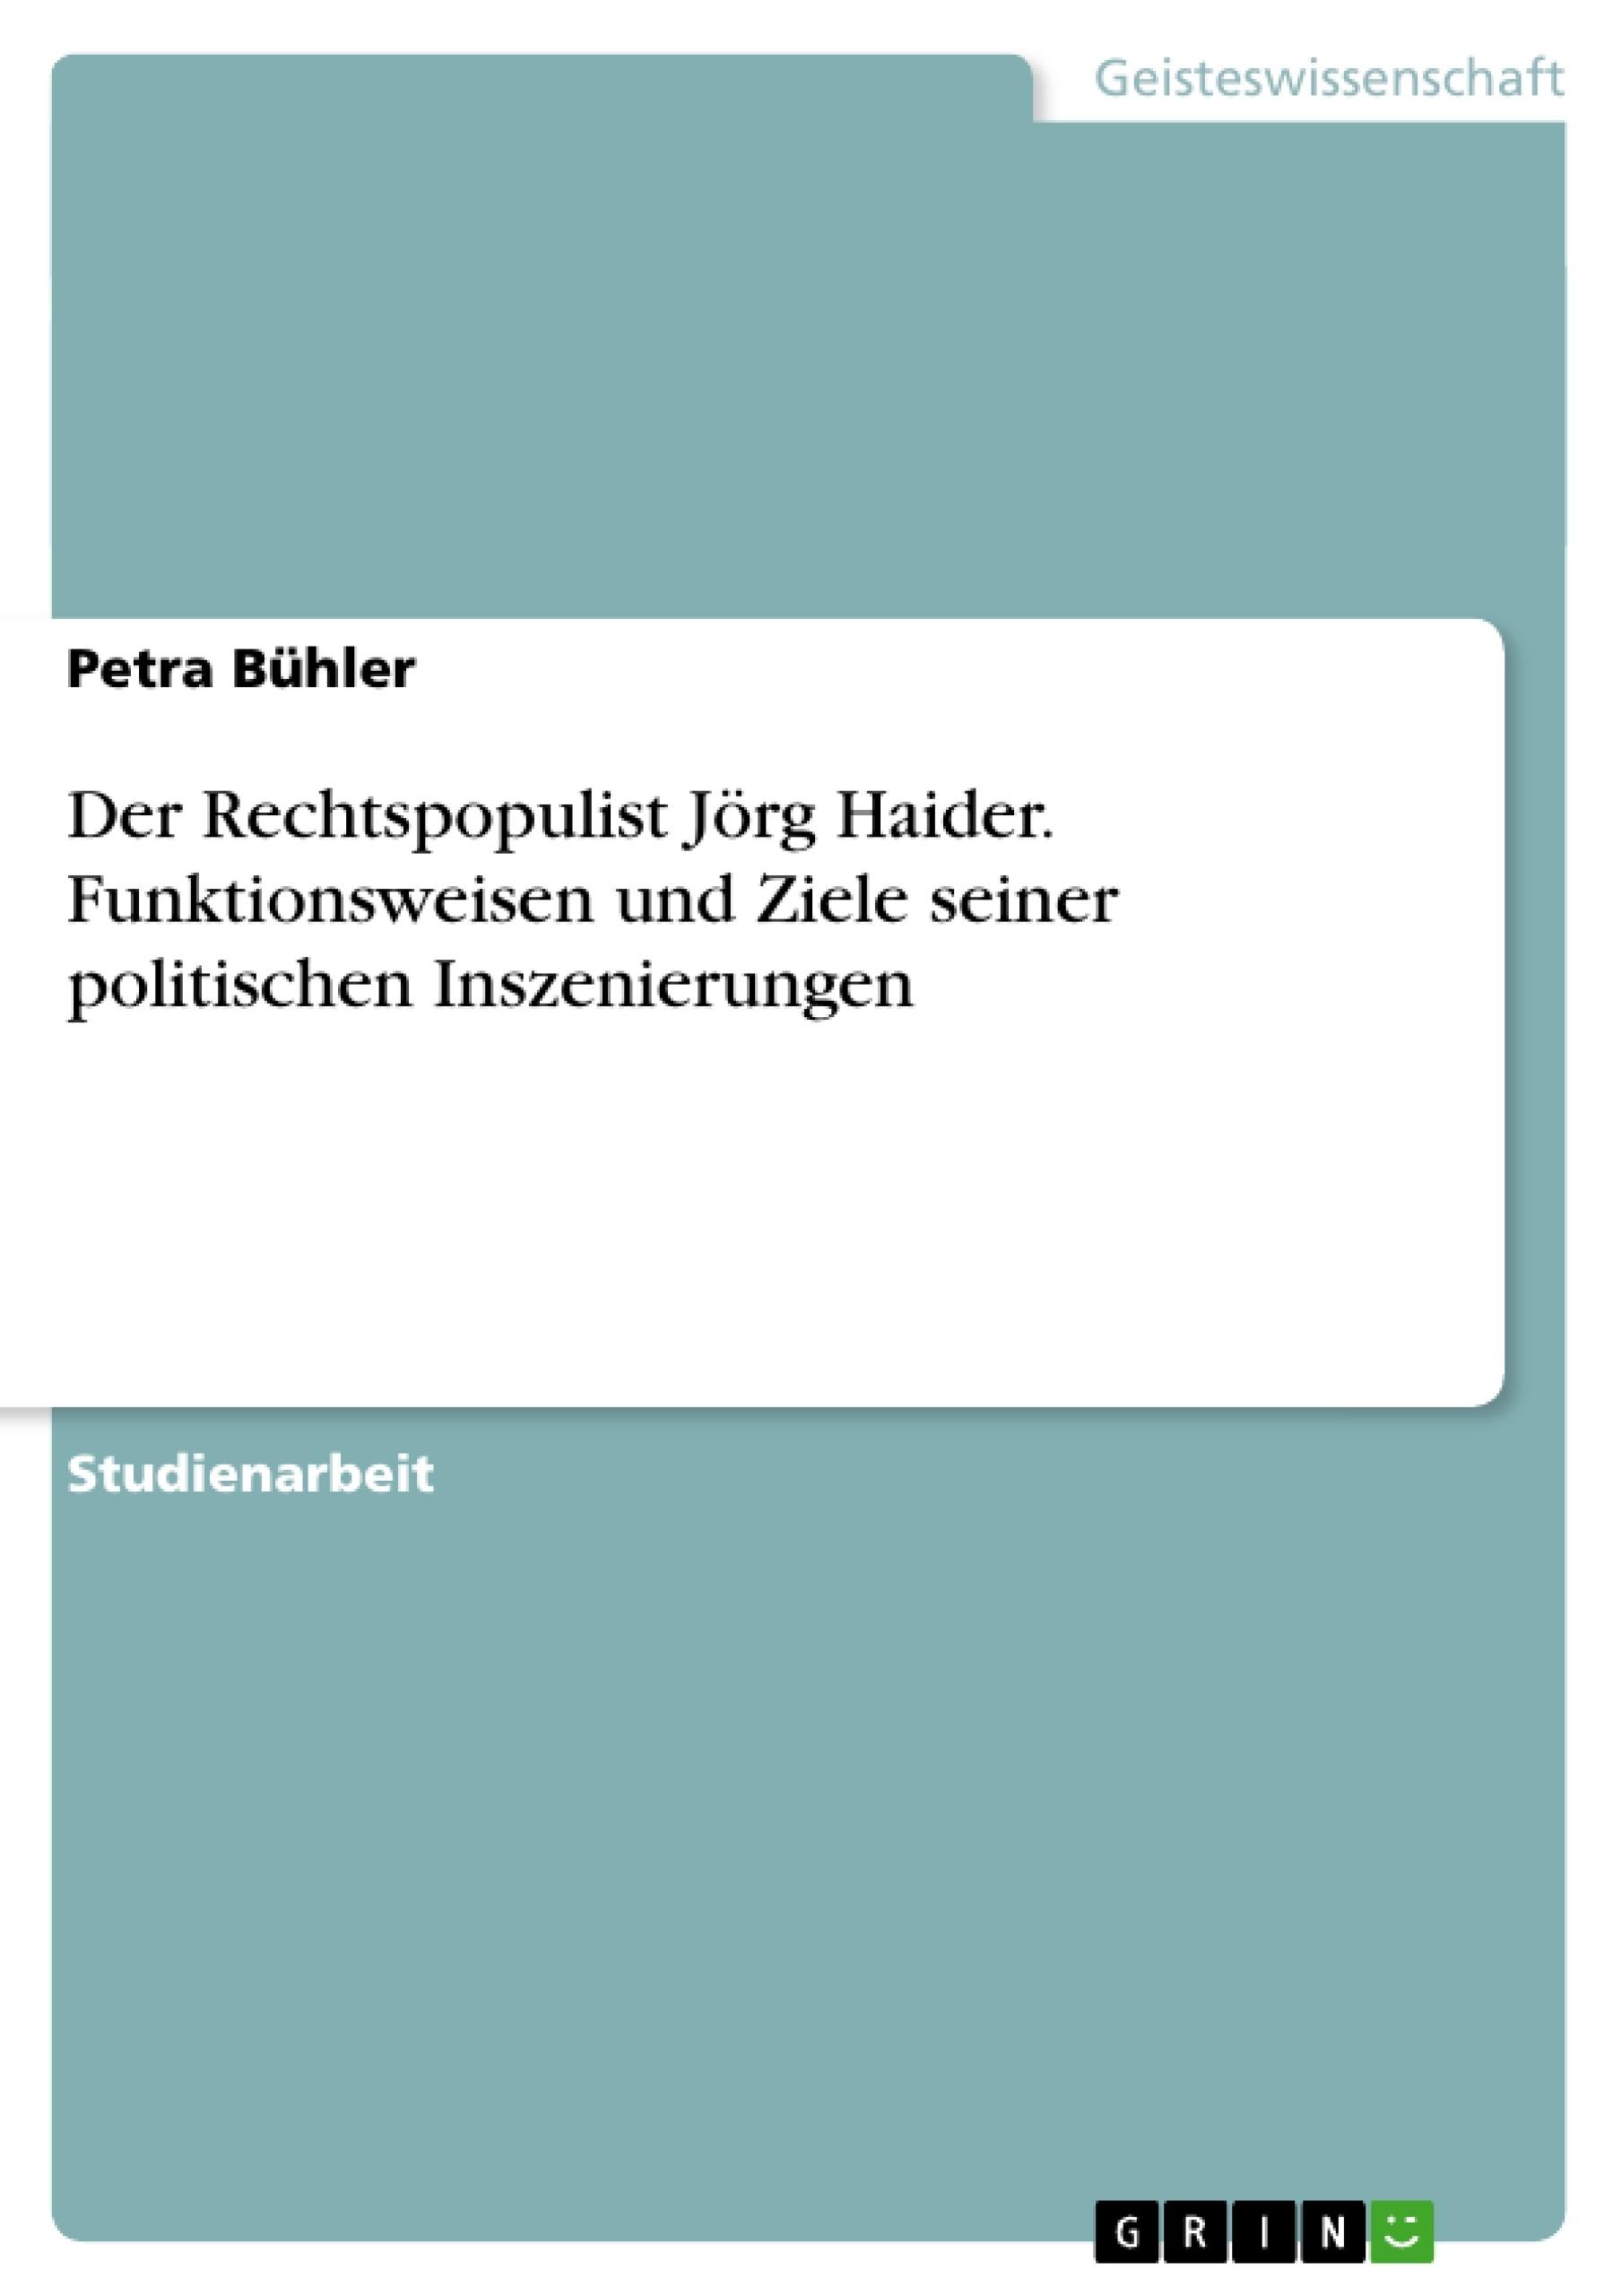 Titel: Der Rechtspopulist Jörg Haider. Funktionsweisen und Ziele seiner politischen Inszenierungen